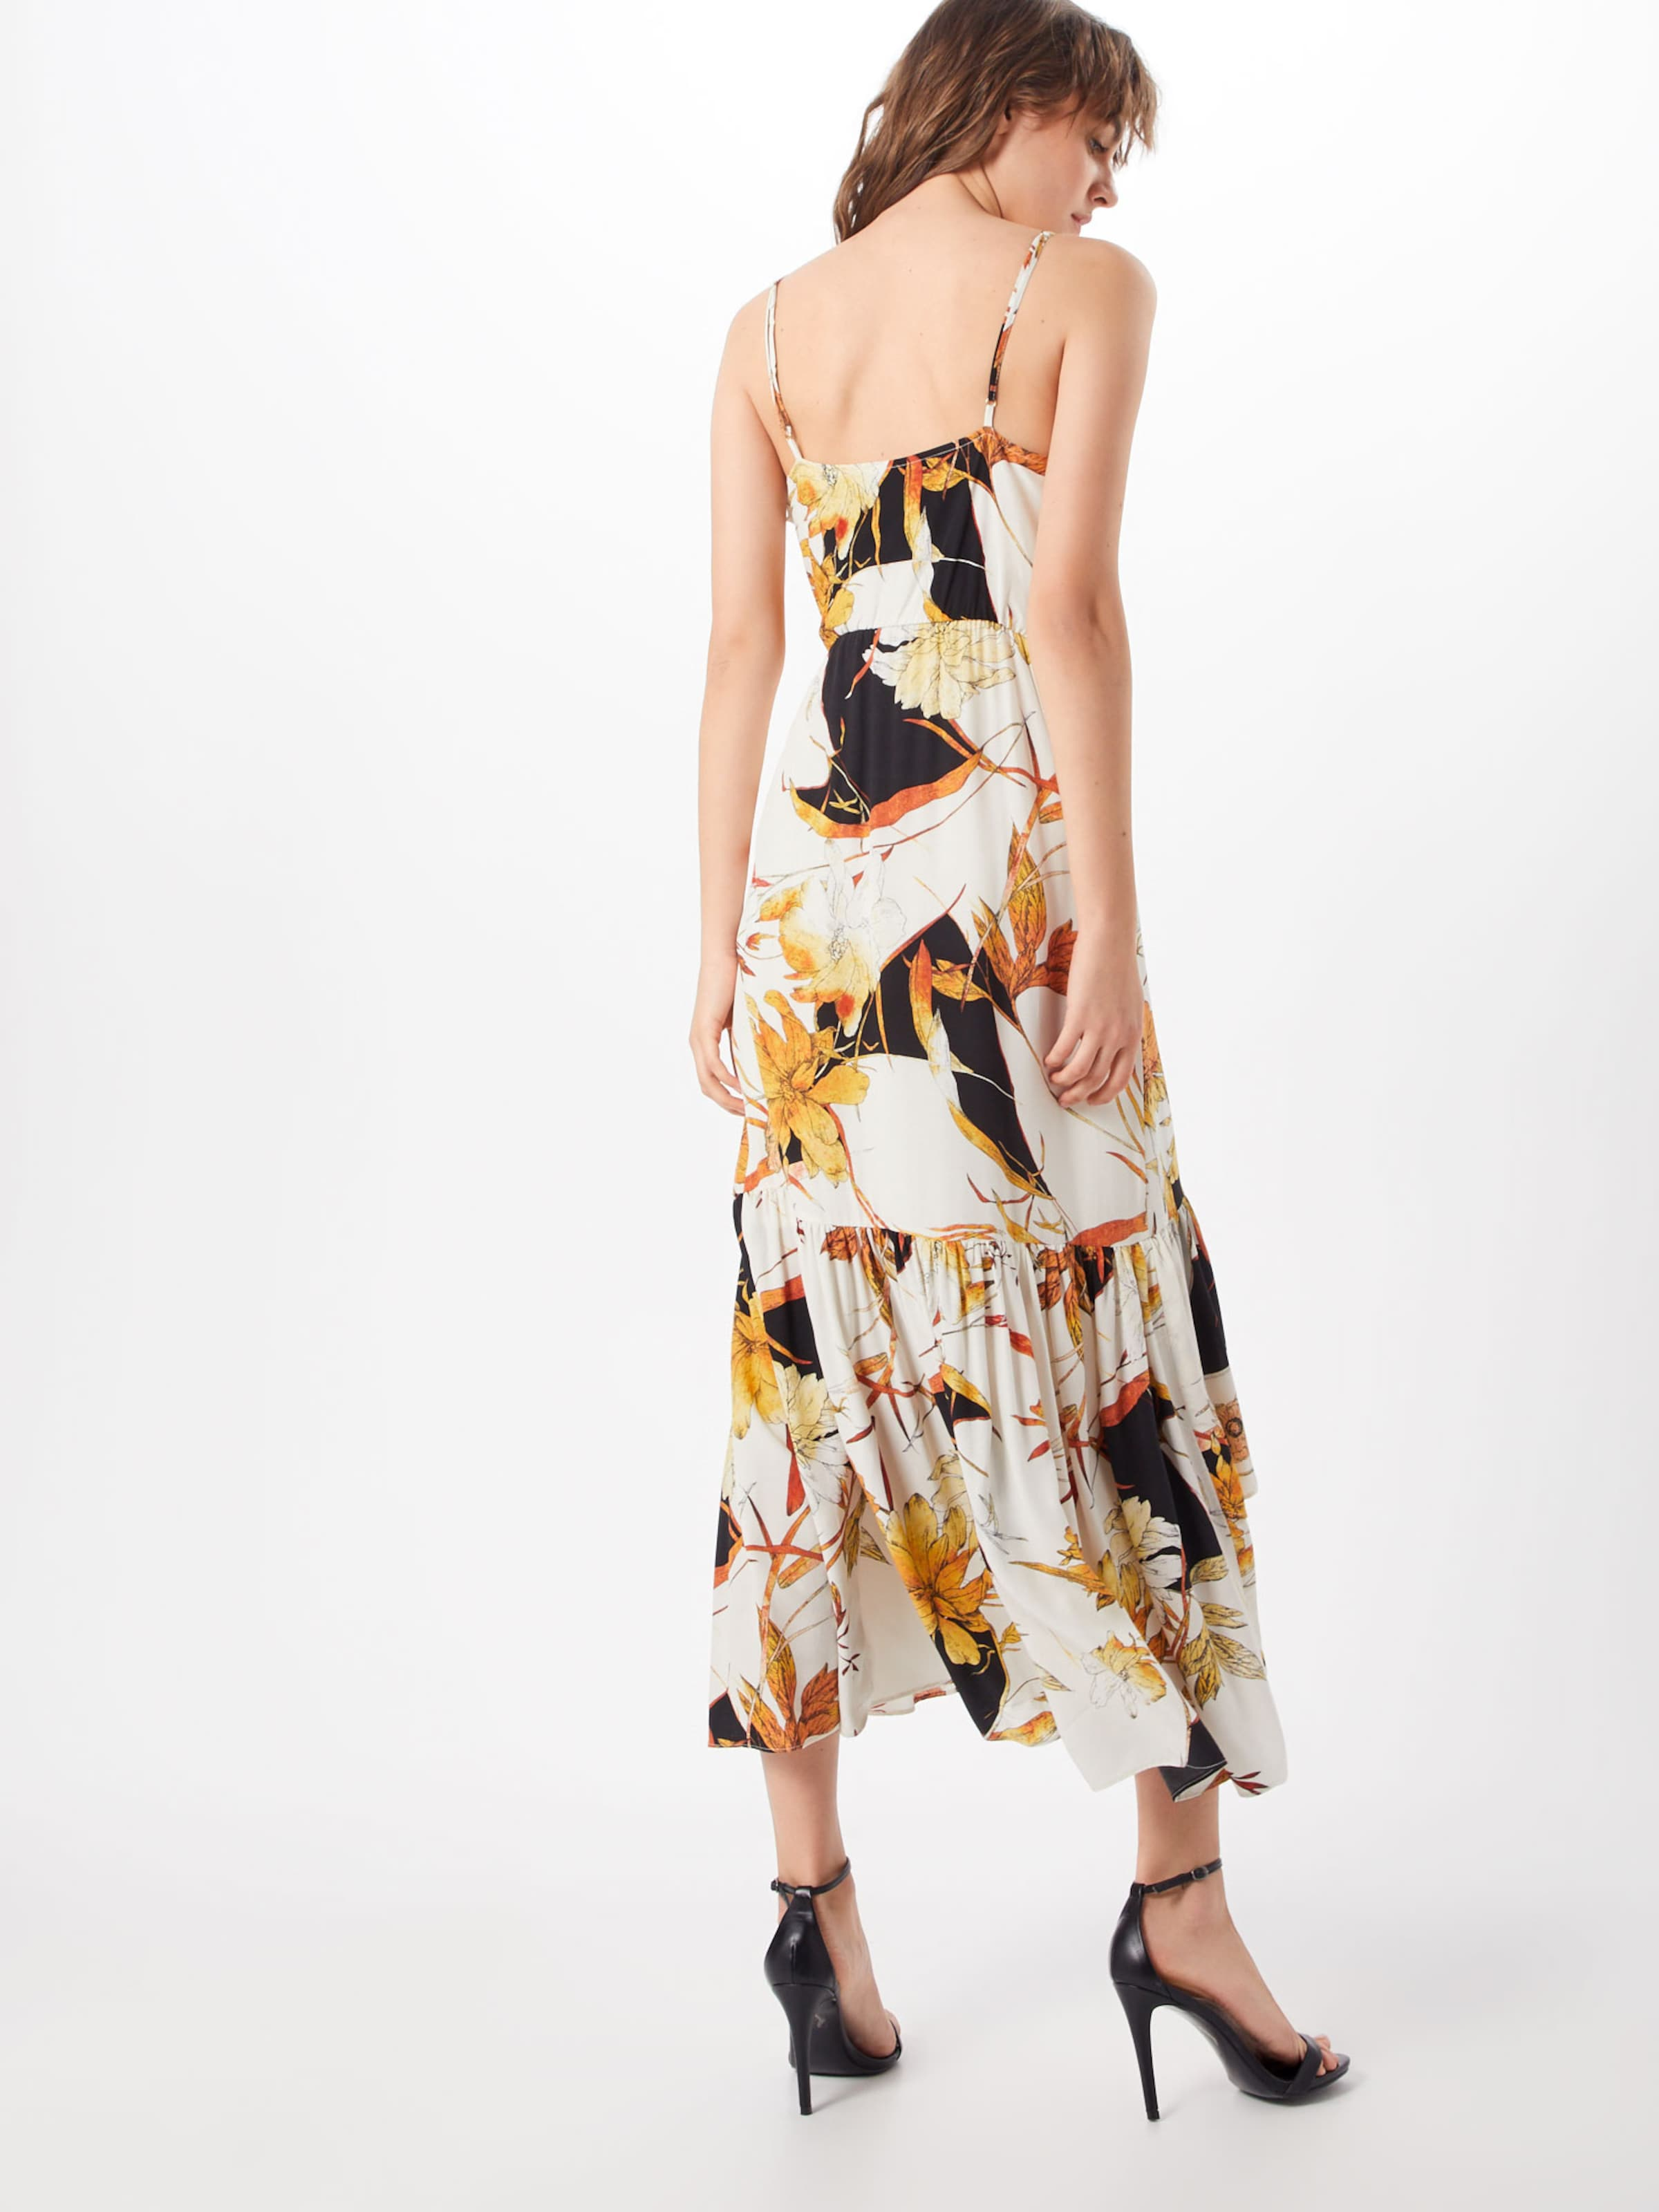 En Robe Crème Gestuz D'été 'abelinegz Dress' jcL354ARq